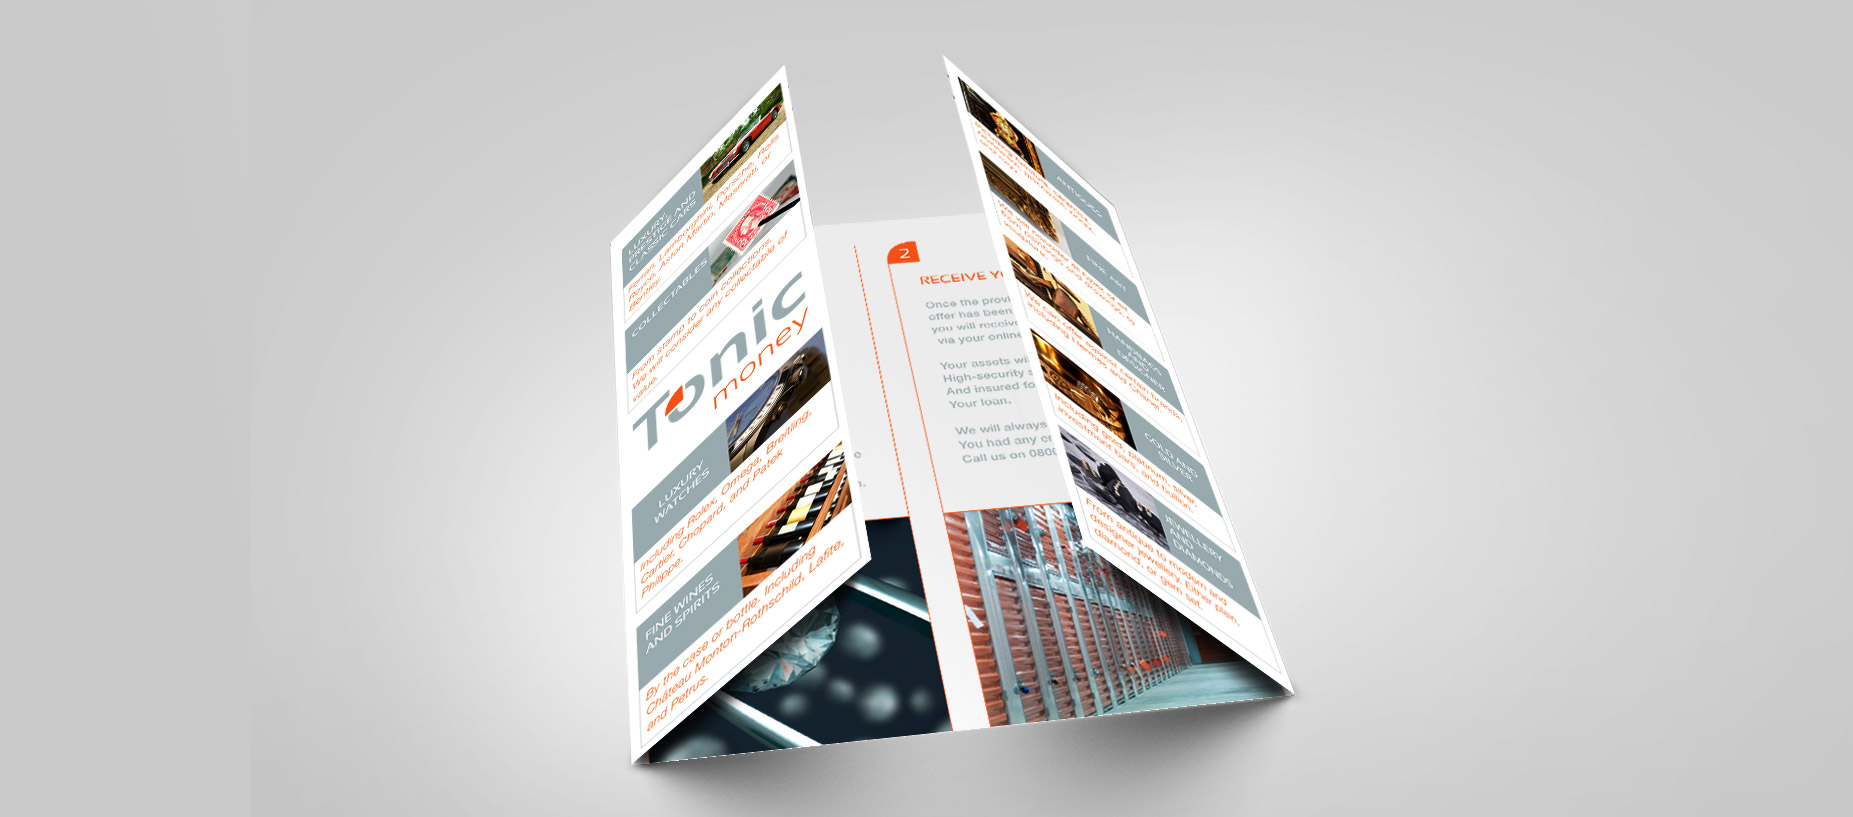 Branding tonic leaflet